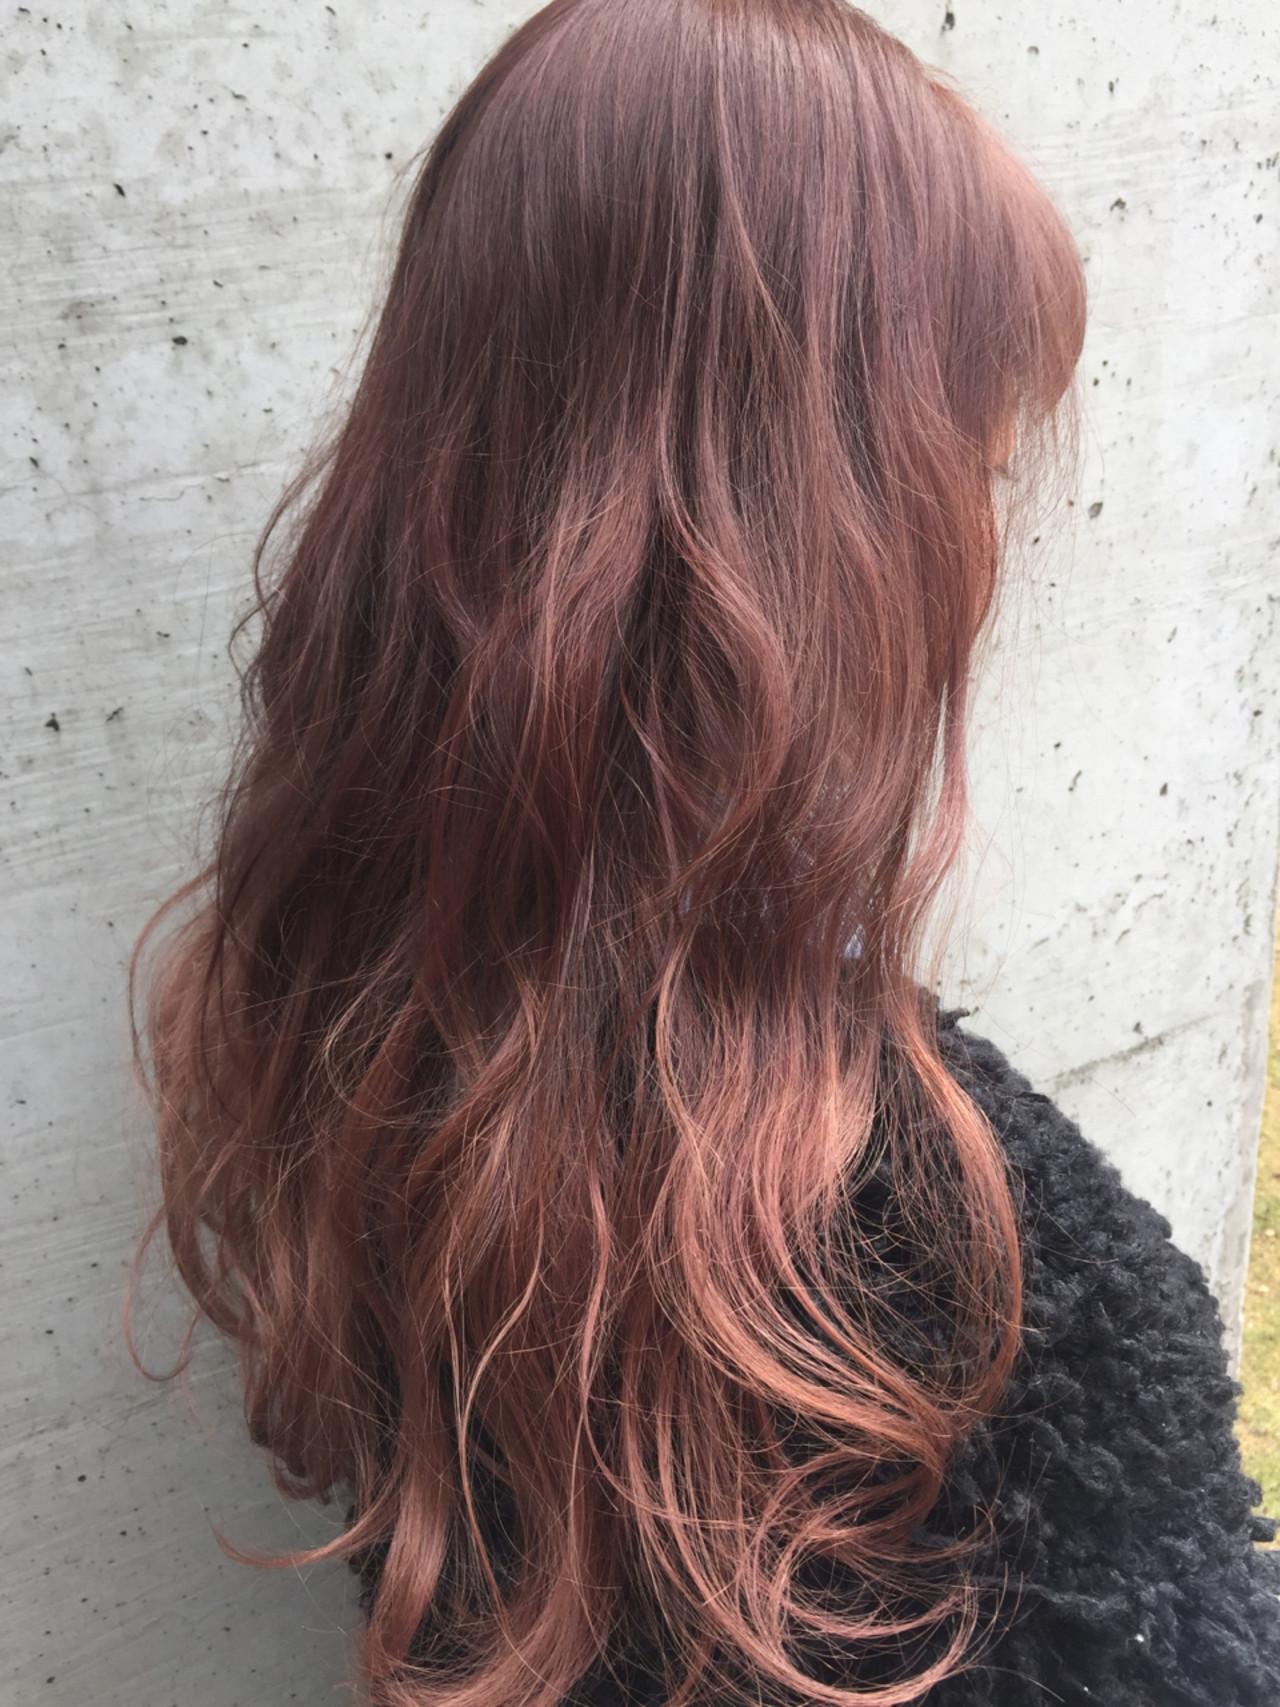 ハイライト グラデーションカラー ピンクアッシュ ピンク ヘアスタイルや髪型の写真・画像 | Mayu / a